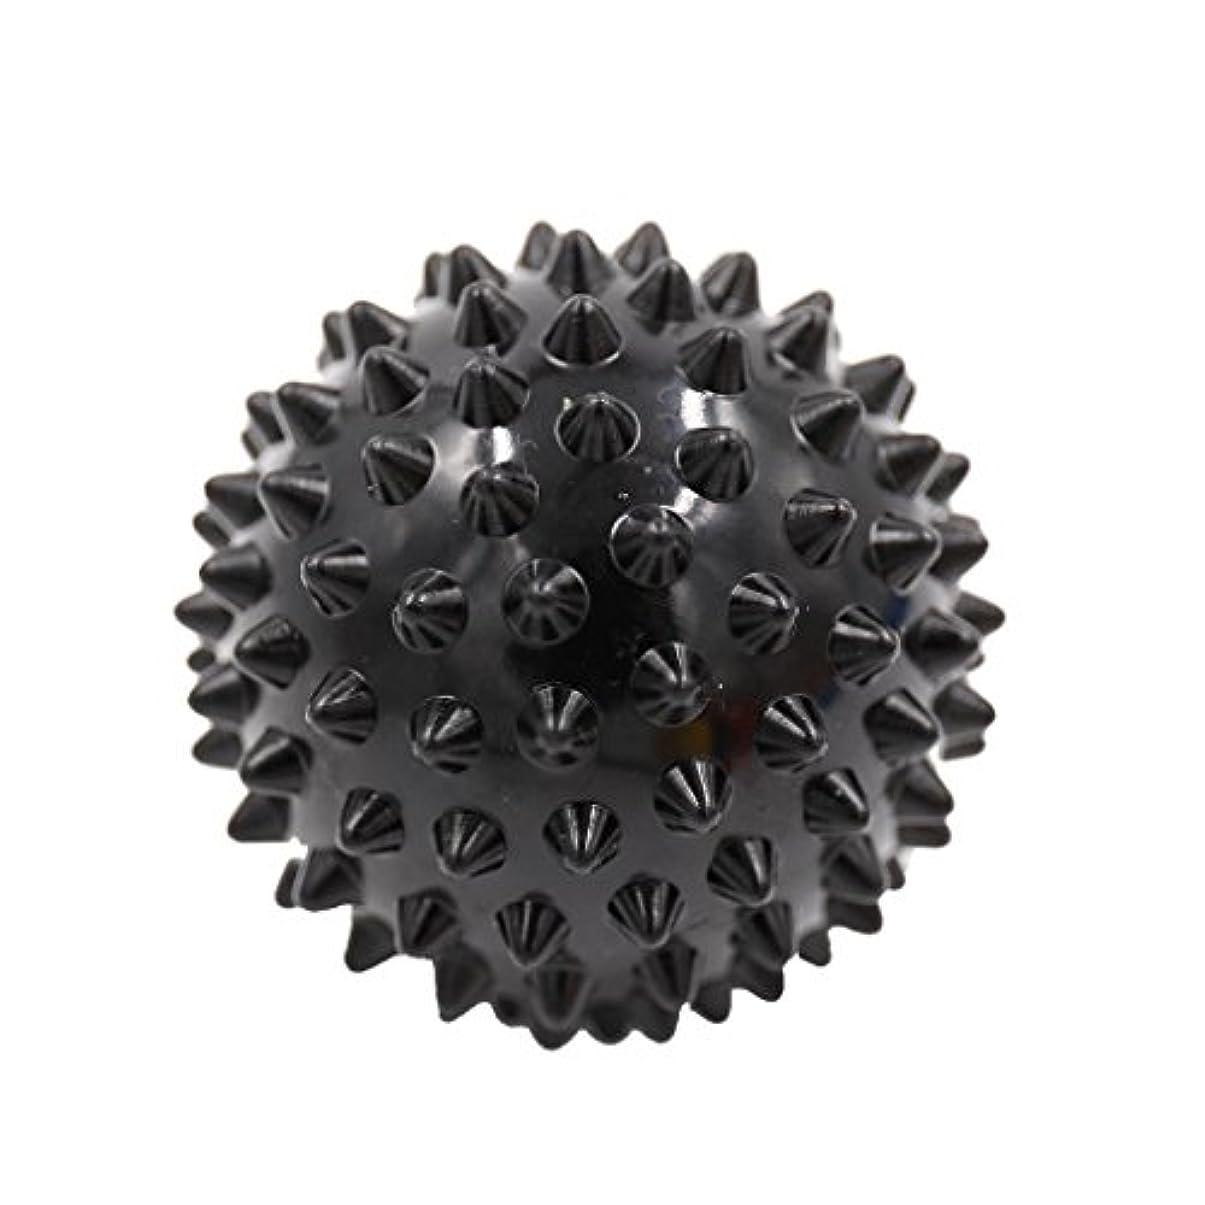 理想的石の平らなマッサージボール マッサージ器 ボディ レリーフ スパイク マッサージ 刺激ボール 3色選べ - ブラック, 説明したように